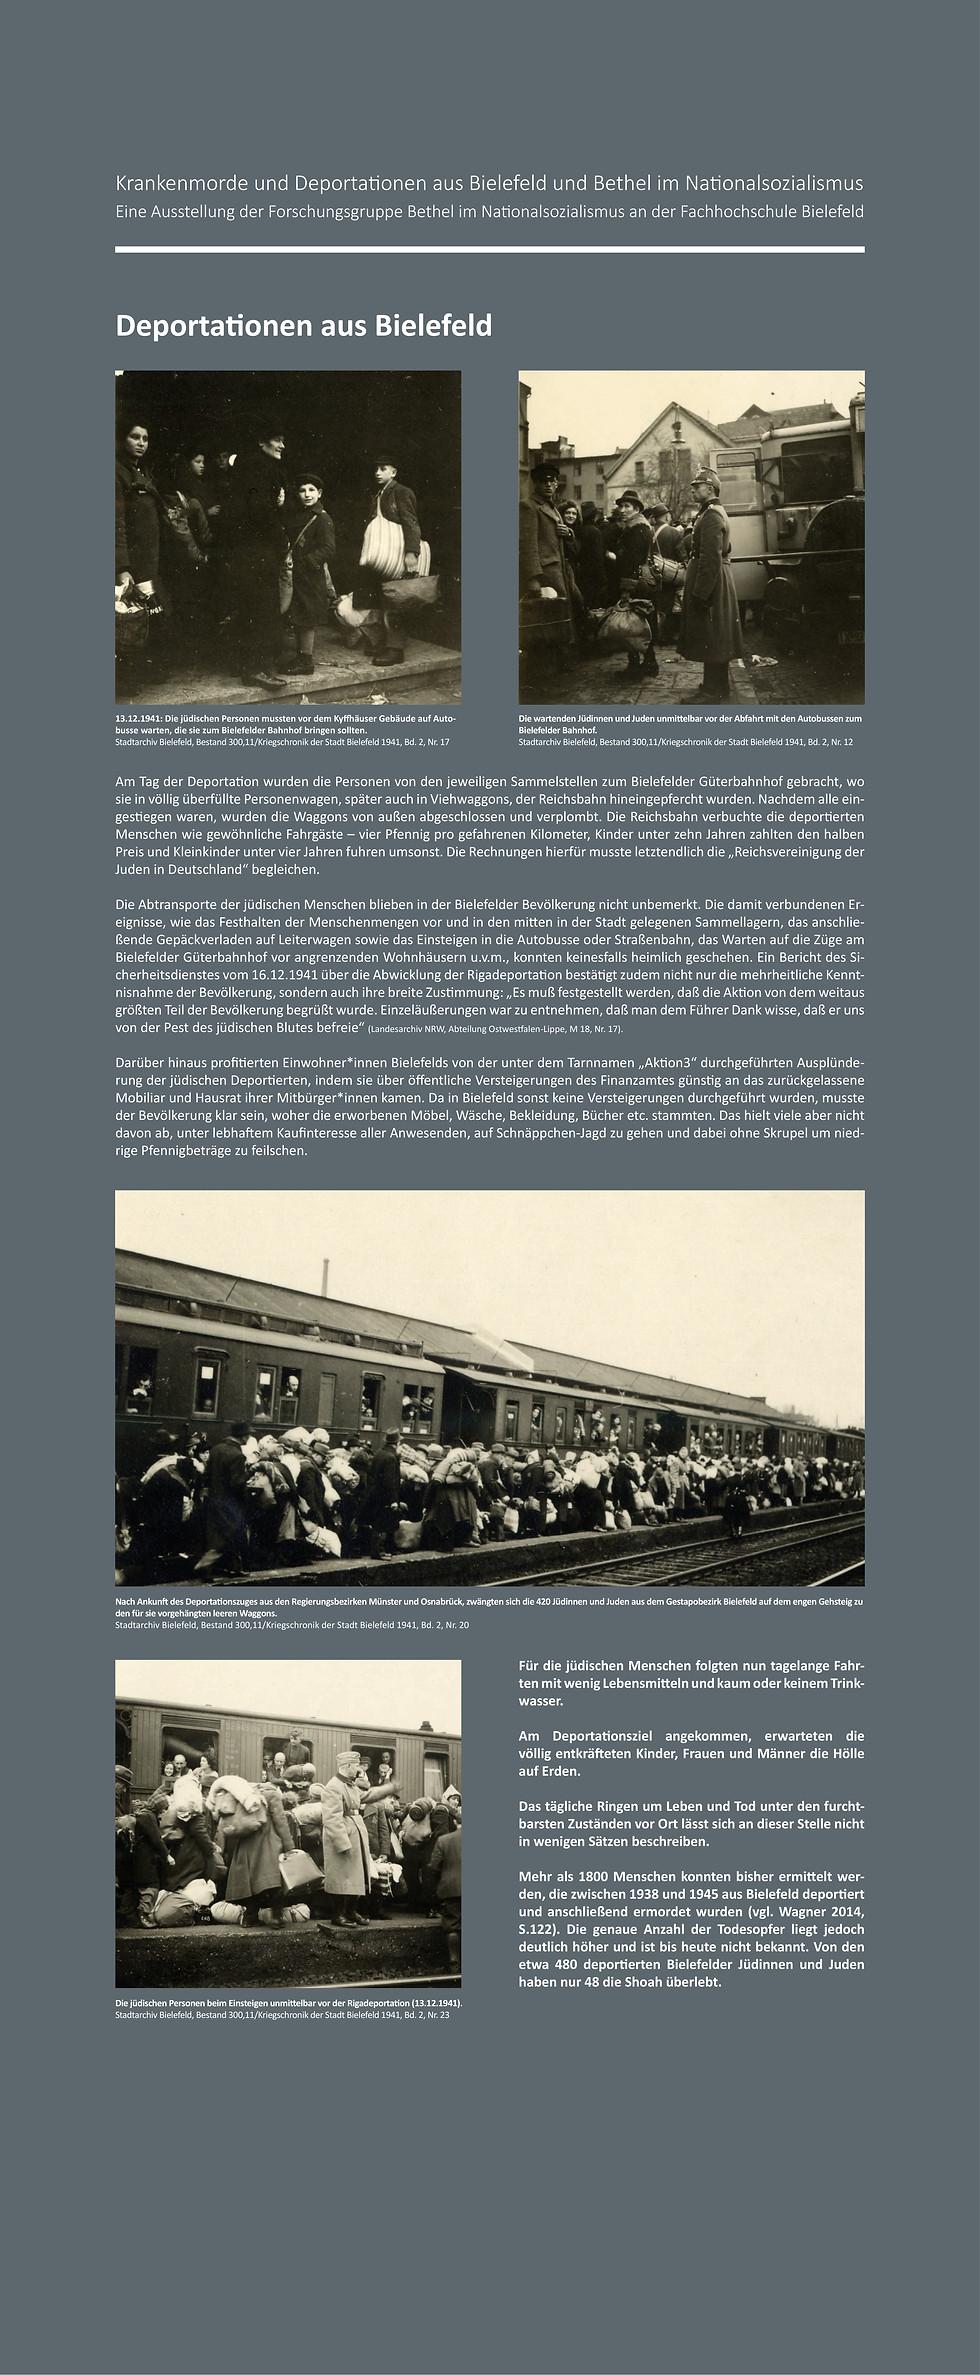 Deportationen Jüdinnen und Juden-002.jpg